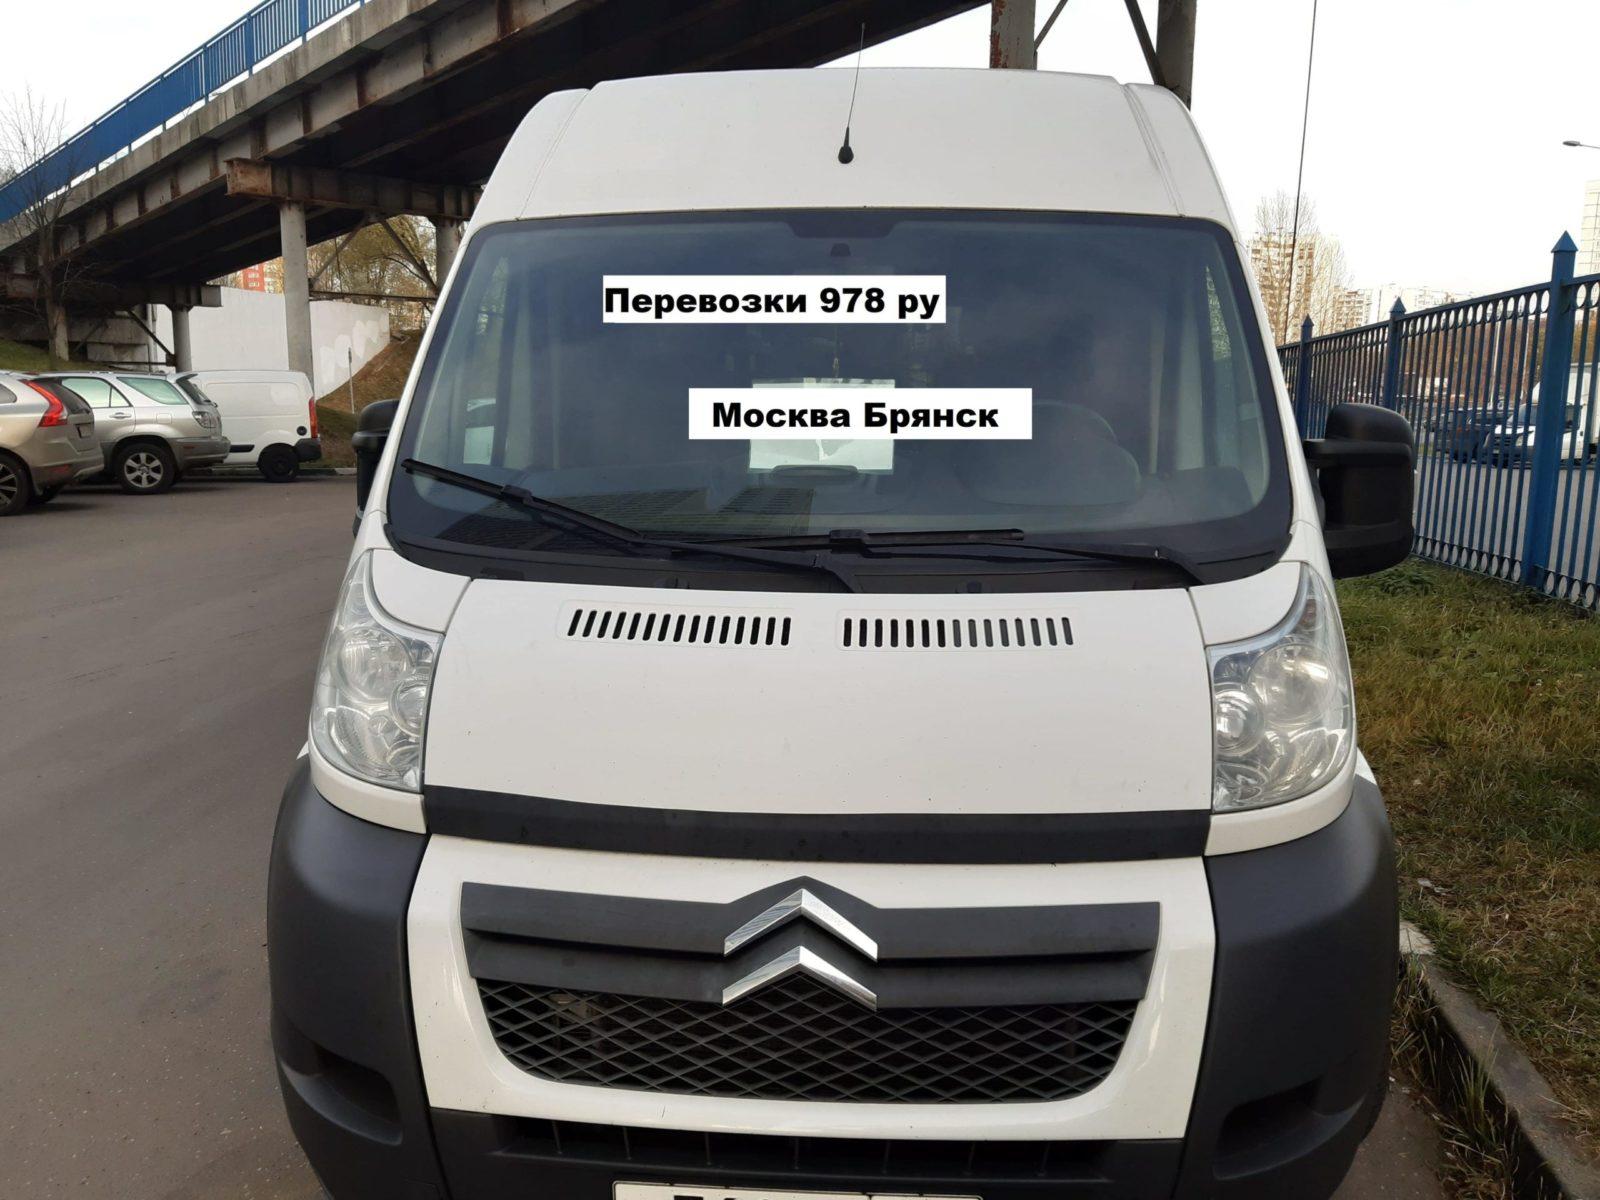 Аренда микроавтобуса, перевозки Москва Брянск | «Перевозки 978»